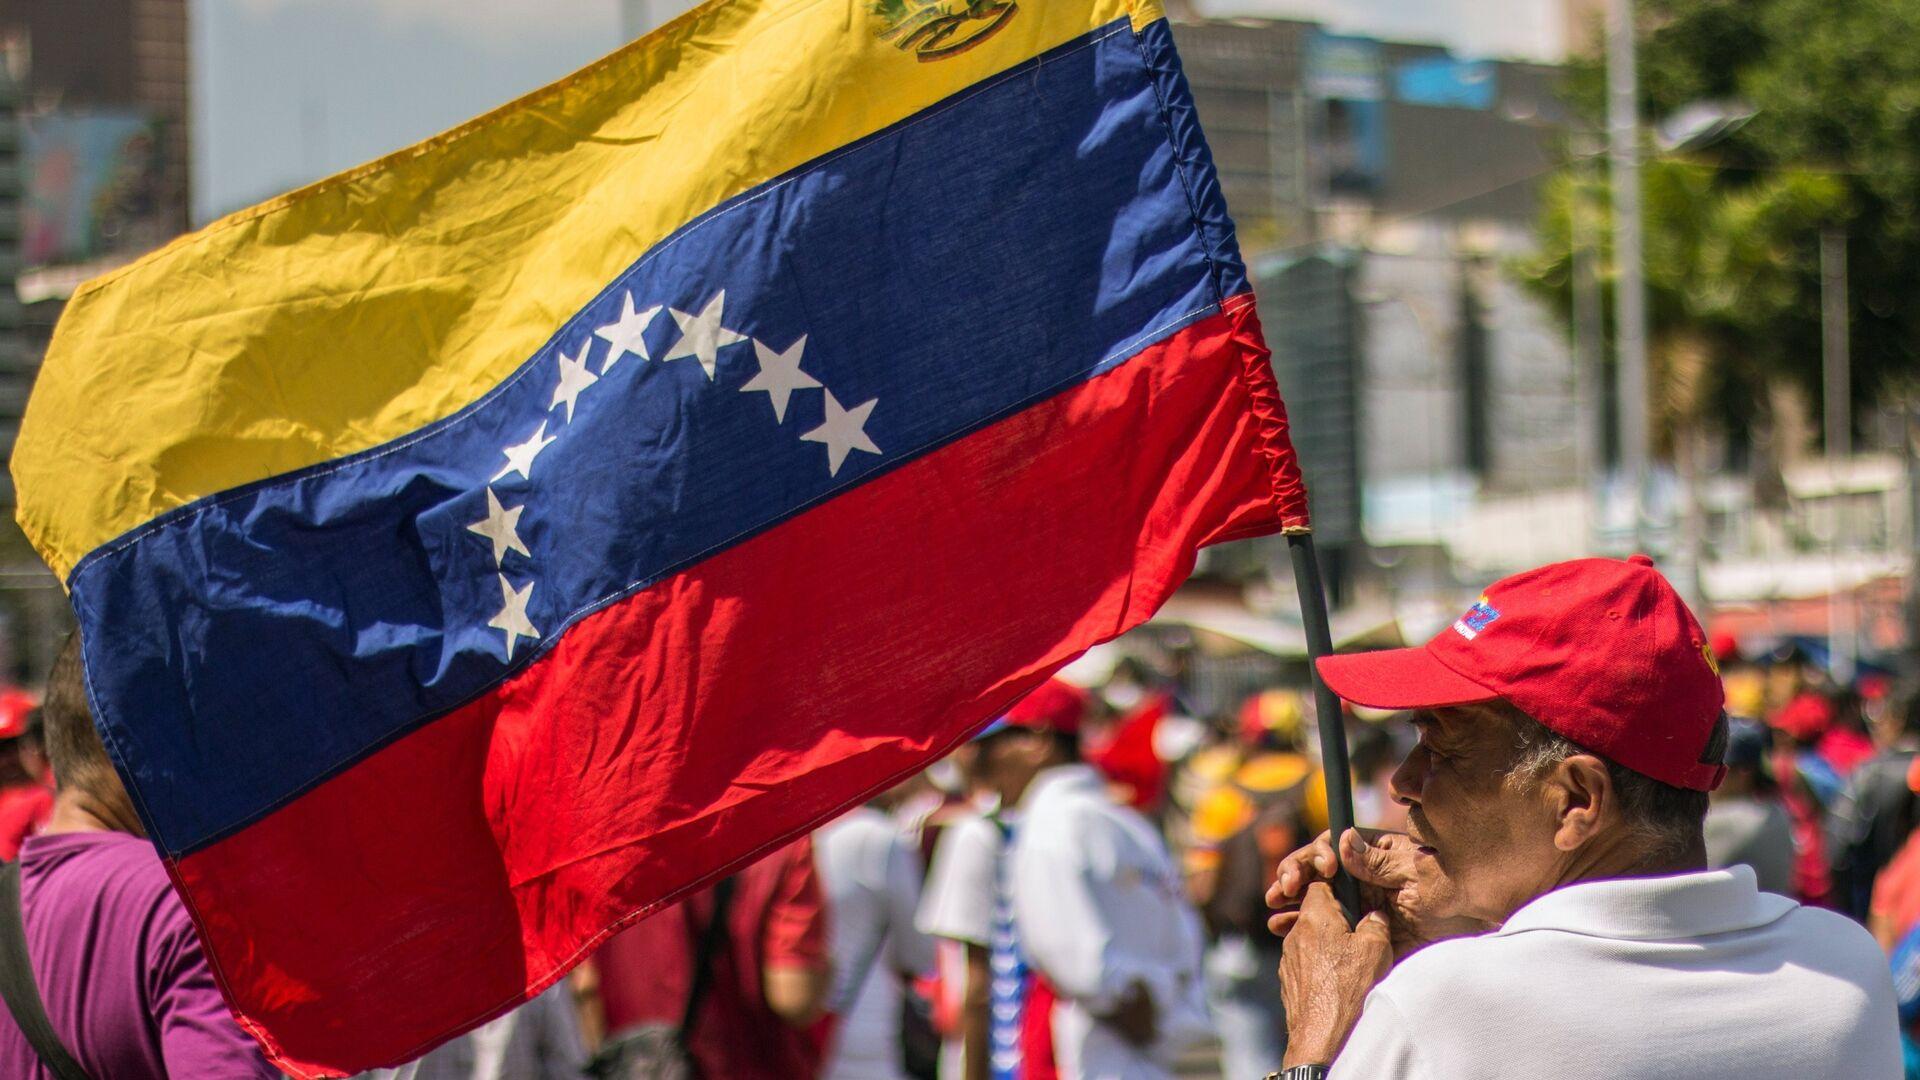 Un hombre con la bandera de Venezuela - Sputnik Mundo, 1920, 01.05.2021